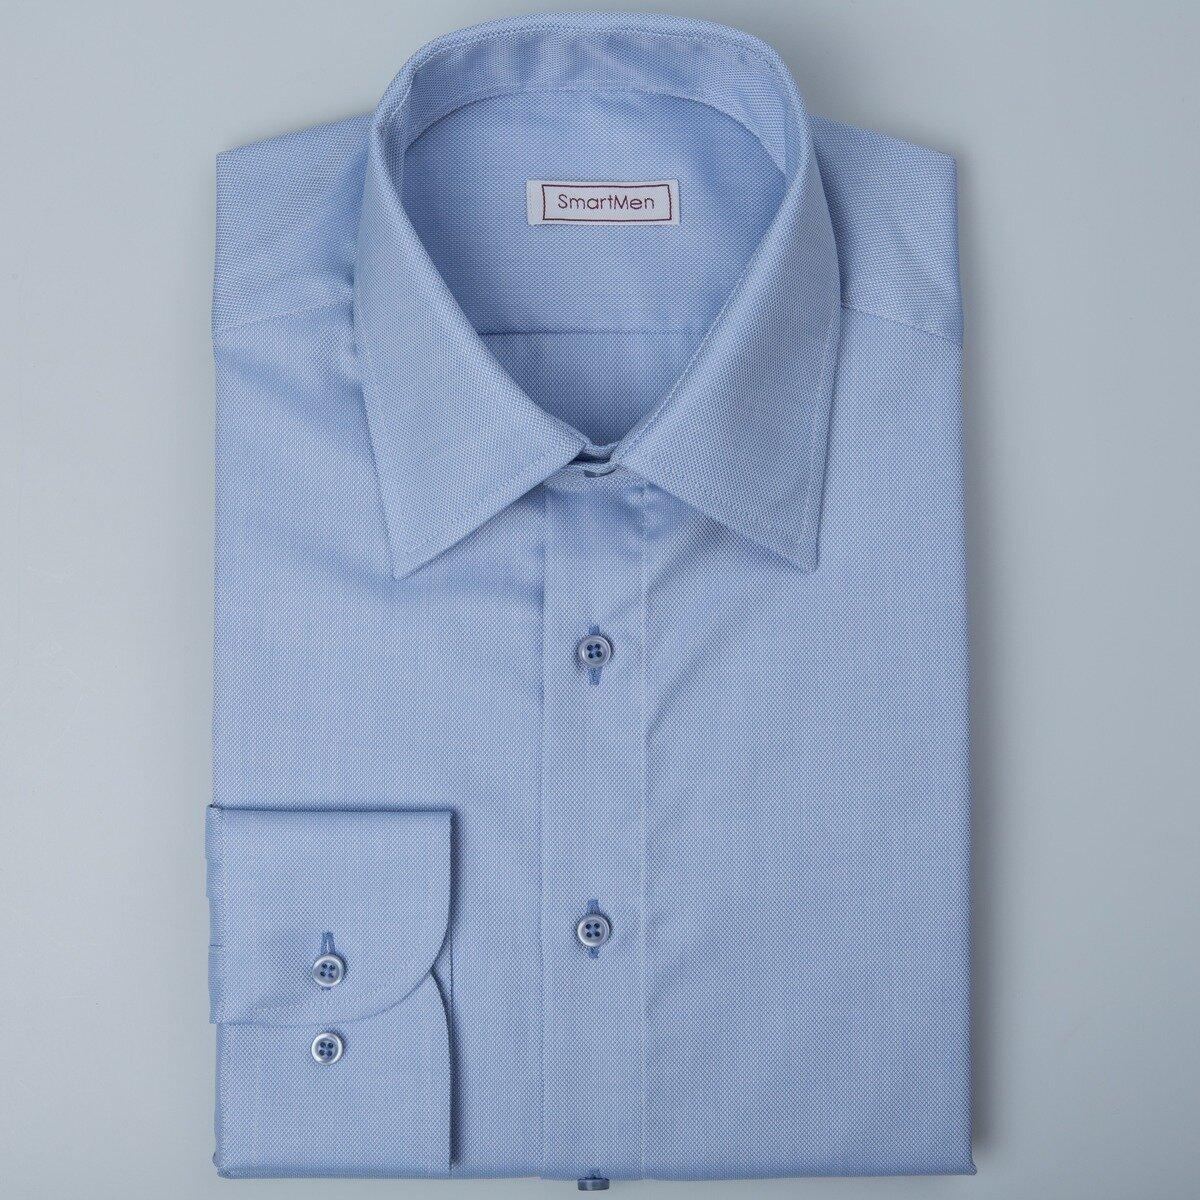 74e7c352cd96 Svetlo modrá košeľa pánska Royal Oxford Easy Care SmartMen